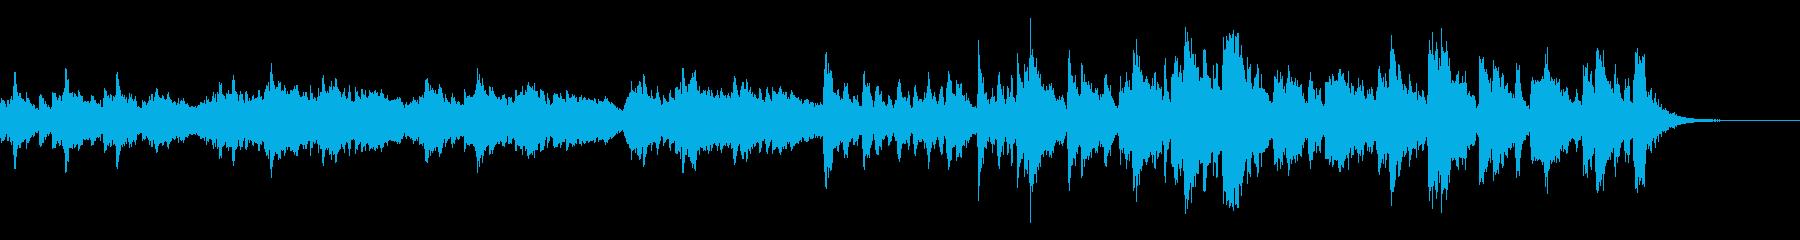 ショートBGM、シネマティックの再生済みの波形